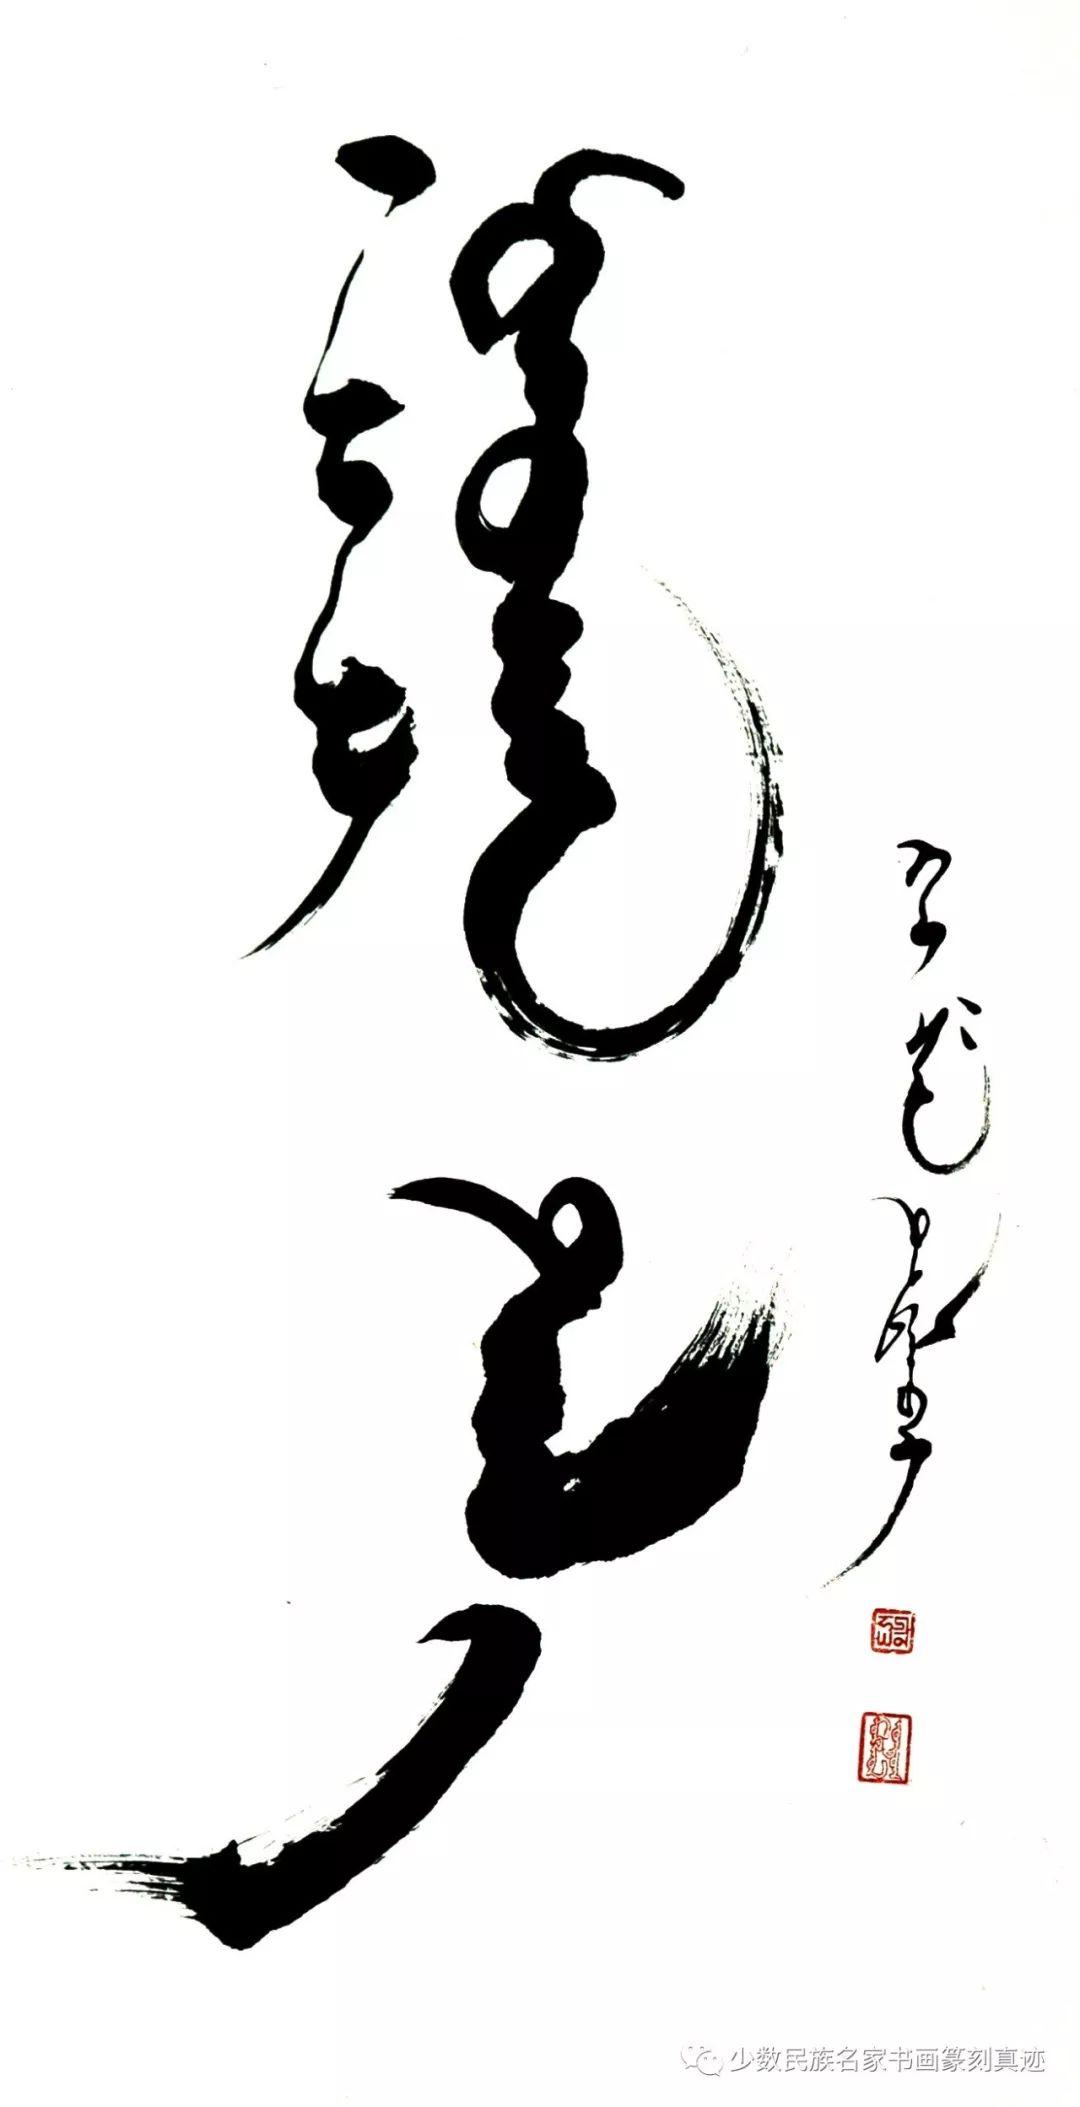 海山教授蒙古文书法作品 第14张